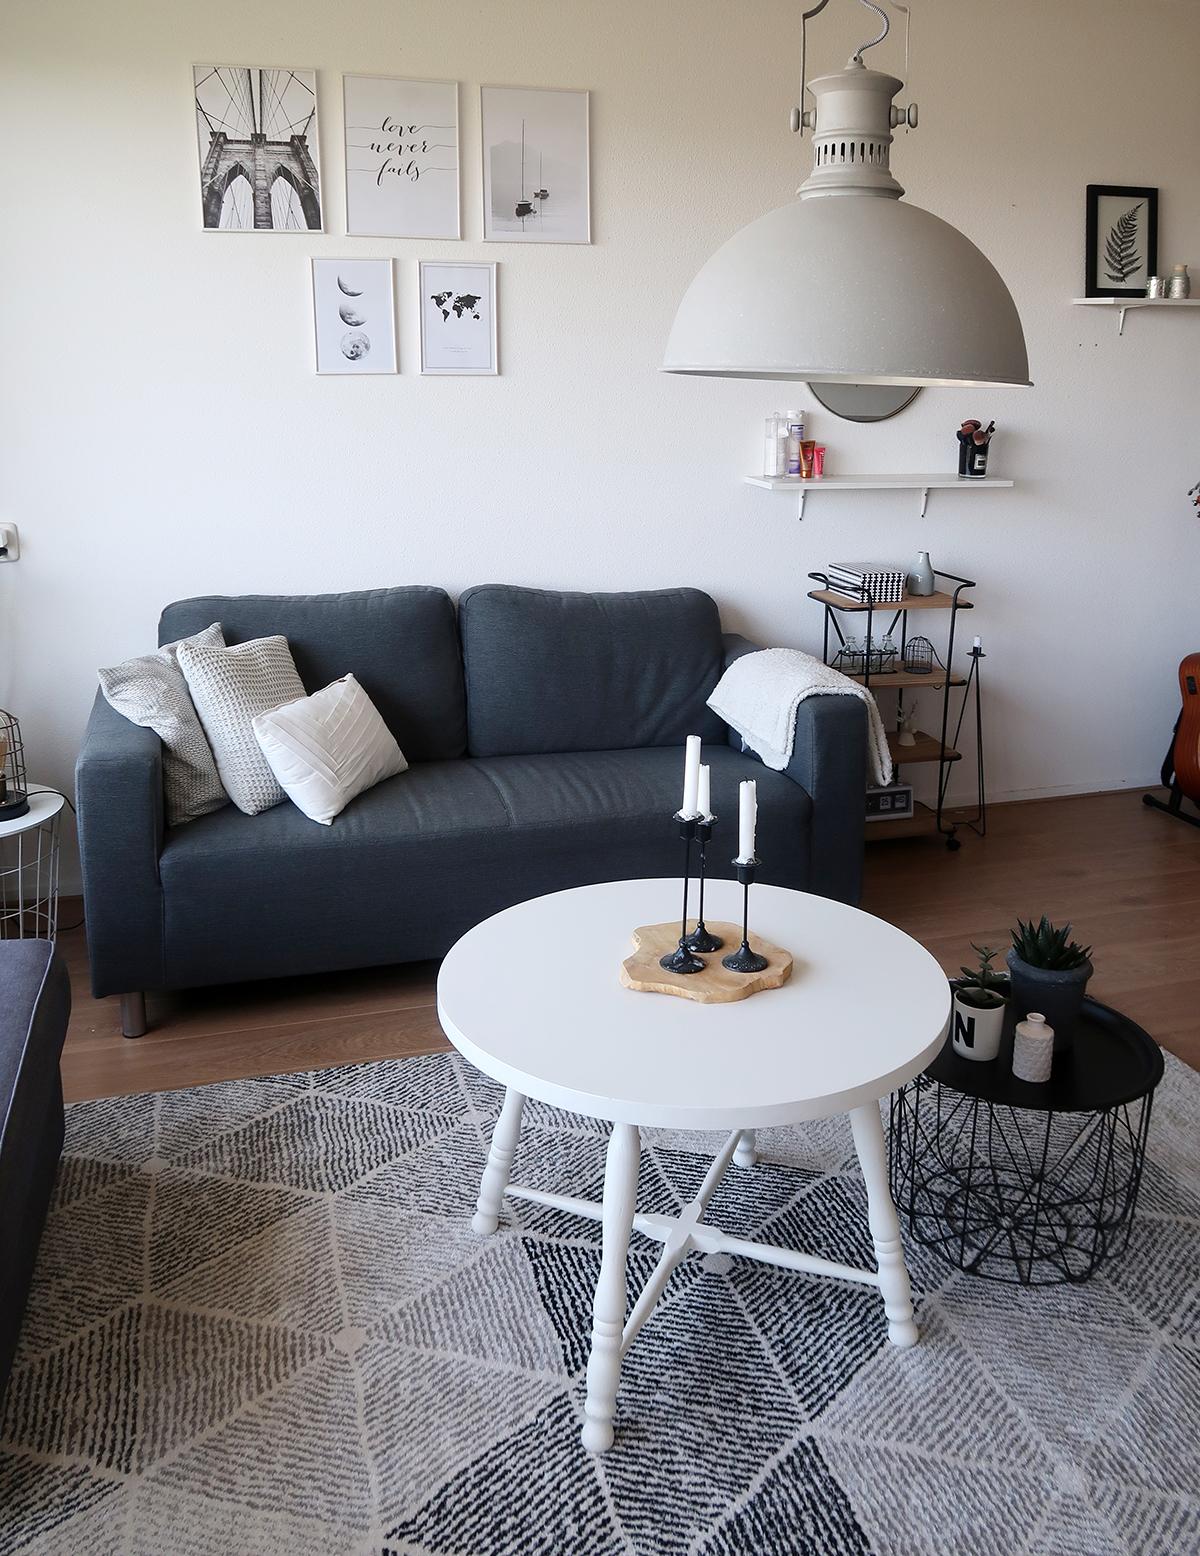 Wat kost mijn woonkamer? - The Budget Life